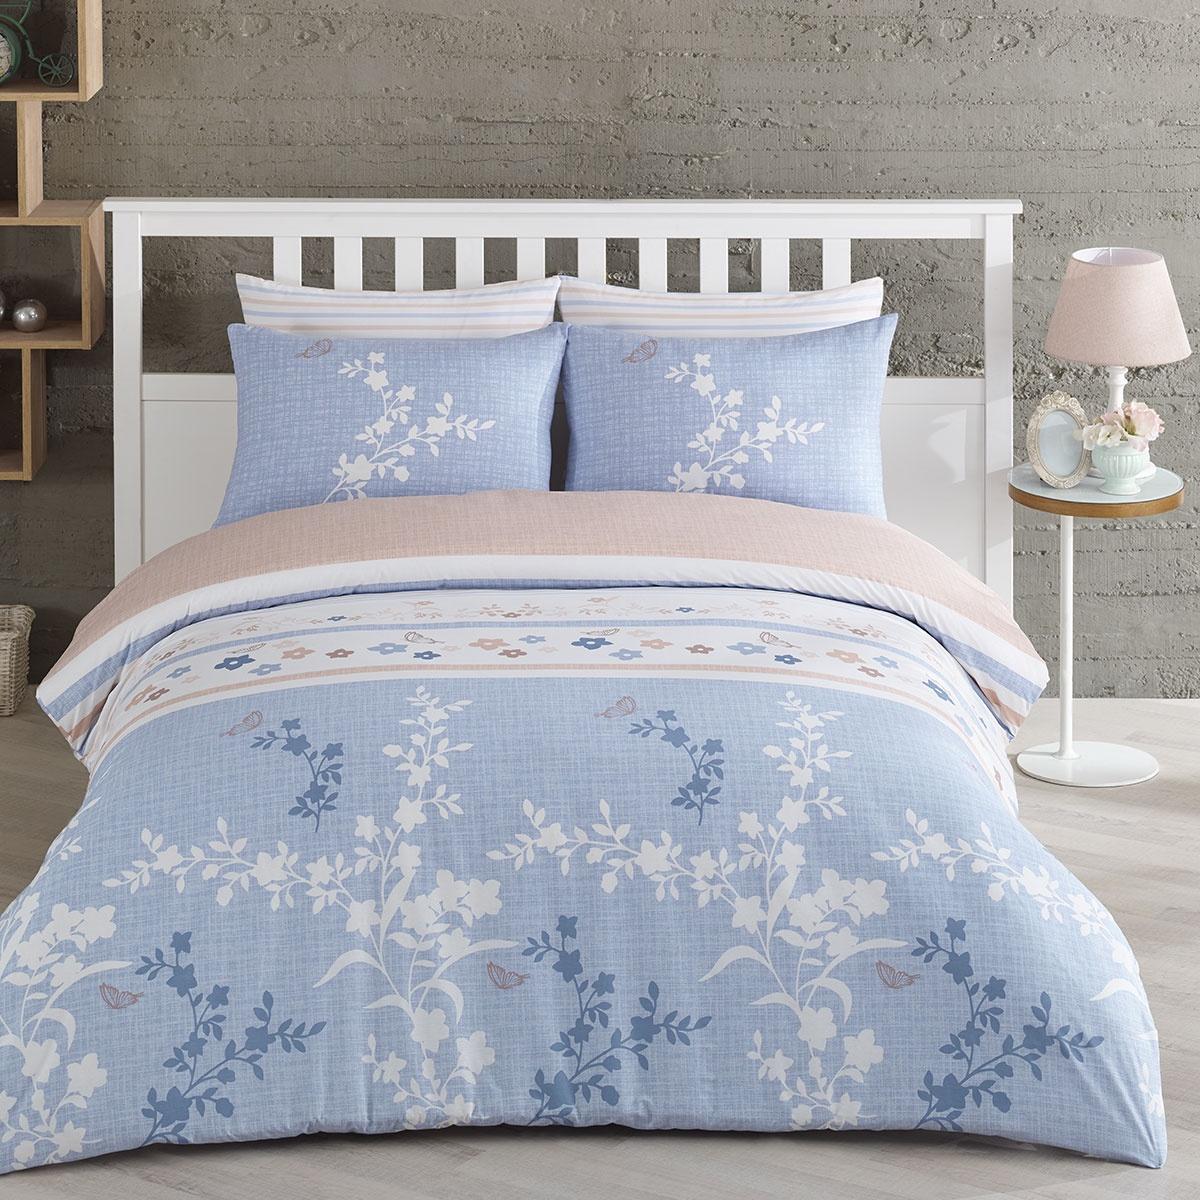 цена на Комплект постельного белья Arya home collection Simay, голубой